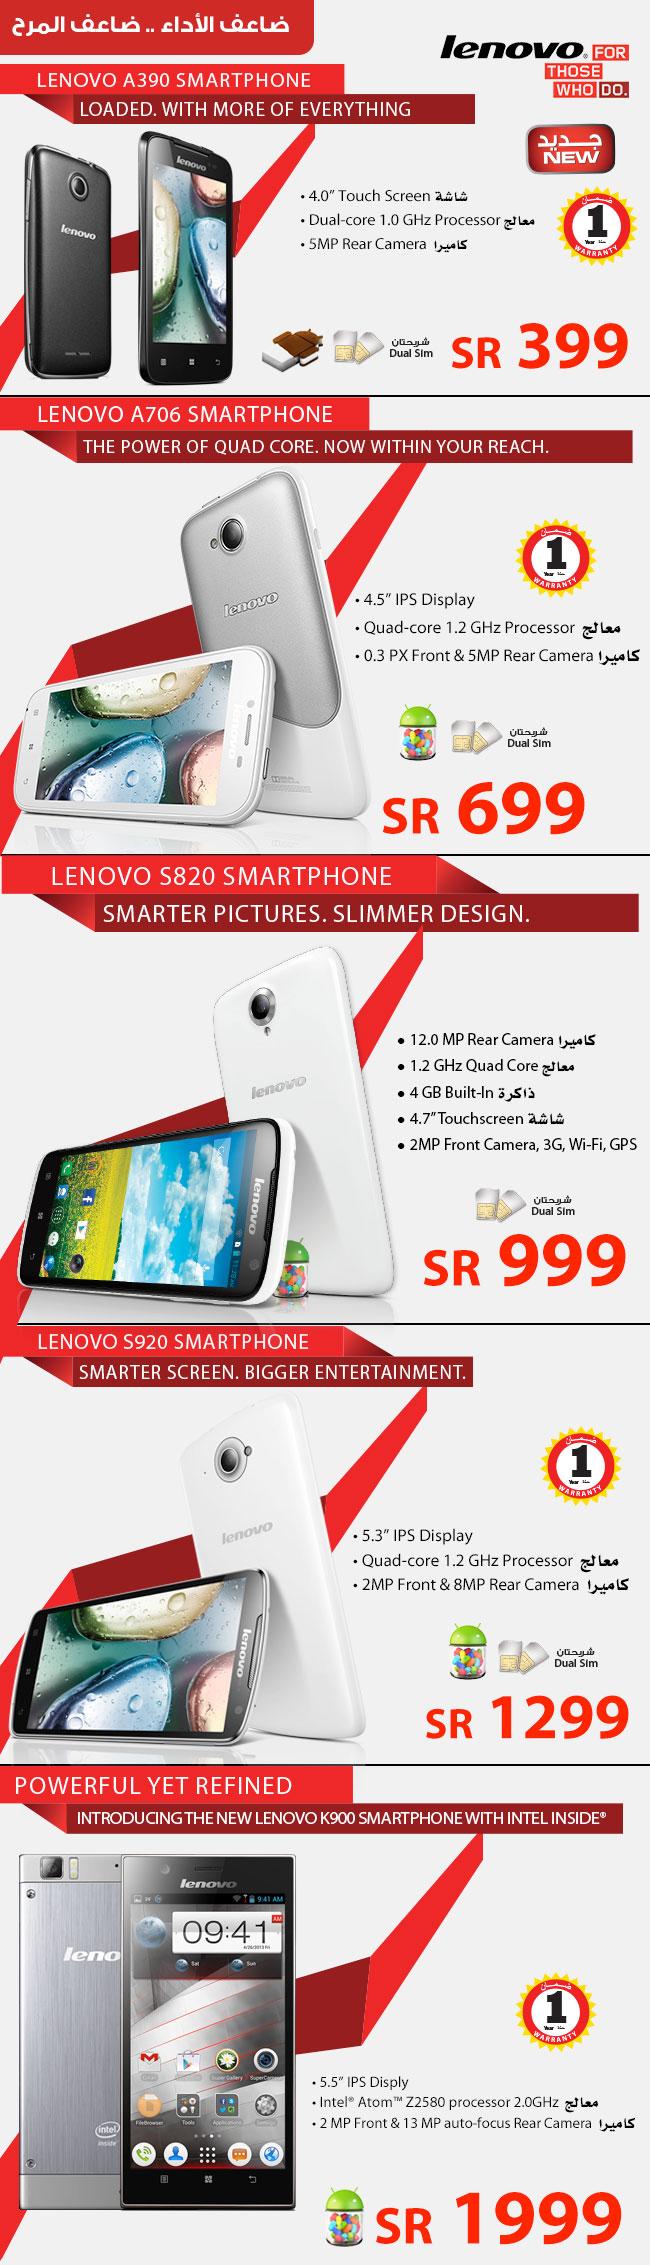 Lenovo Smartphone Price in Saudi Arabia